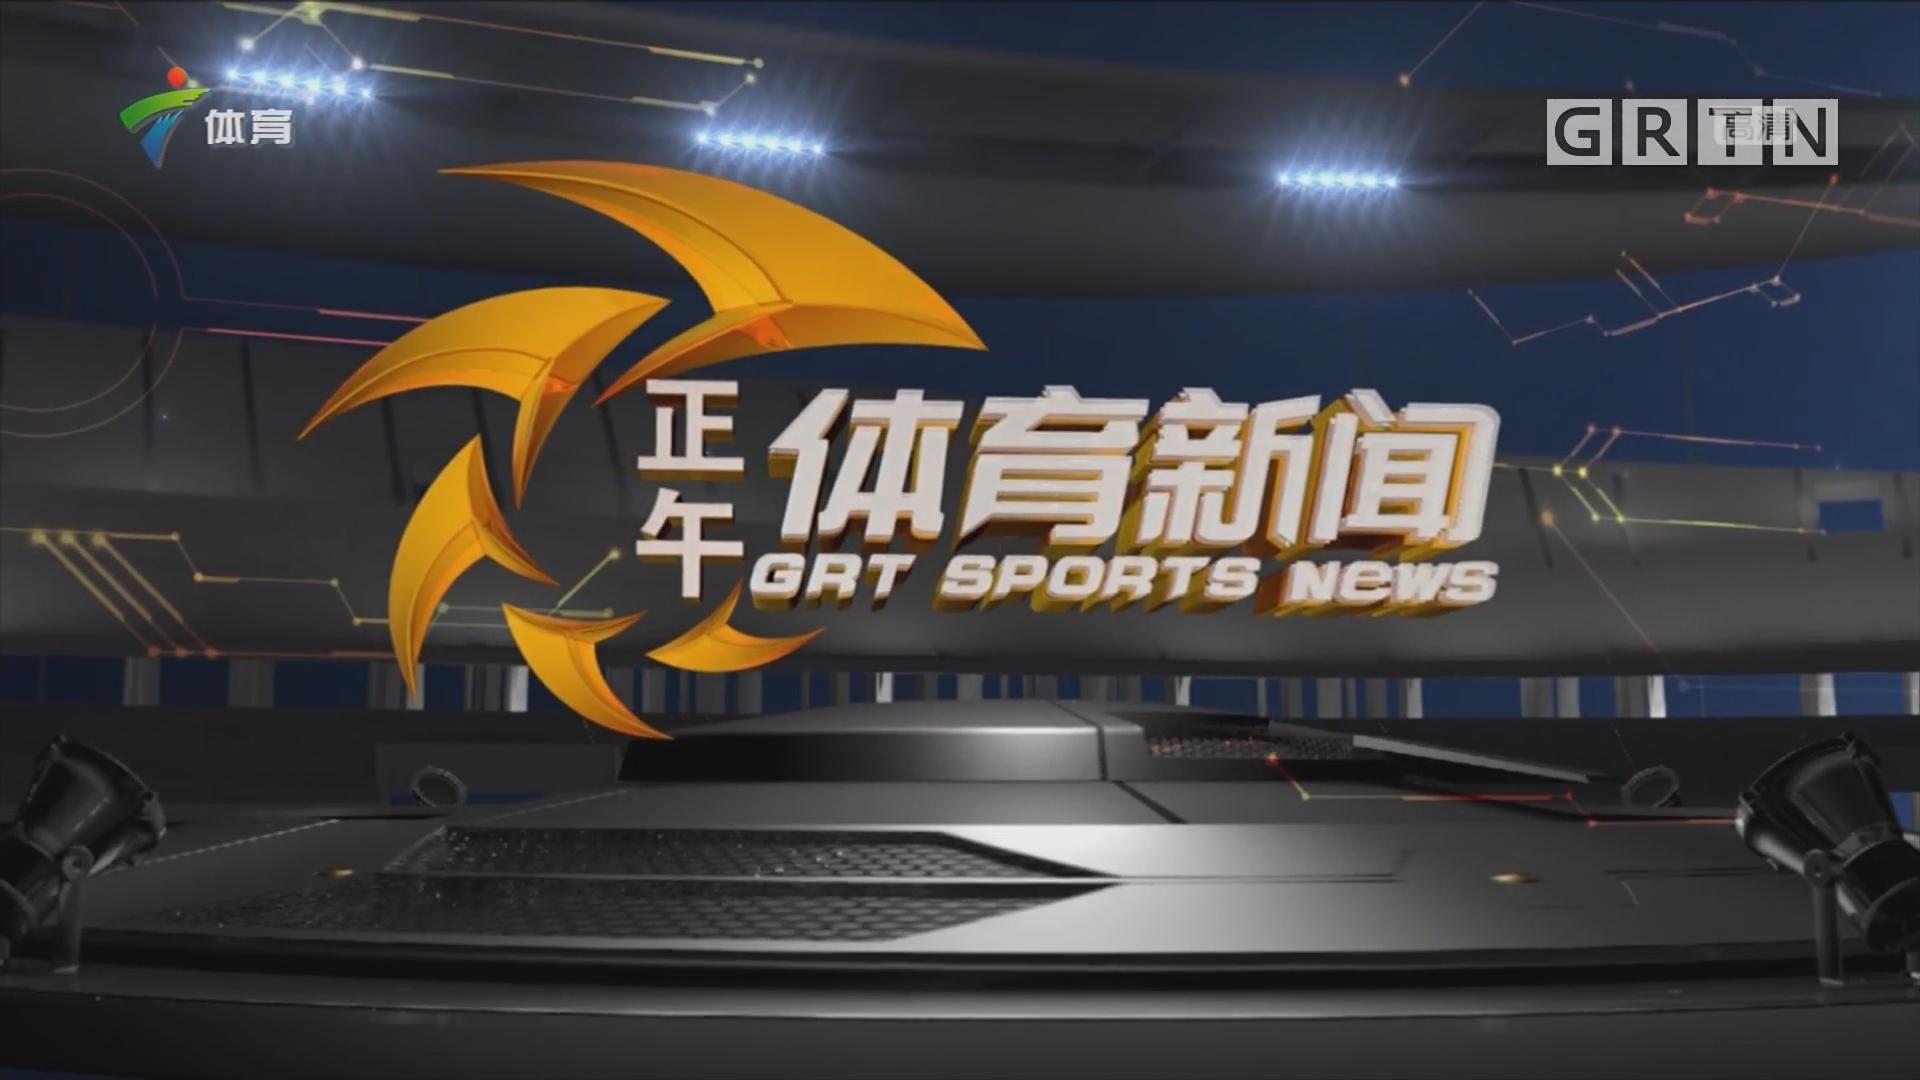 [HD][2018-09-07]正午体育新闻:拉练迎喜讯 深圳新外援正式亮相